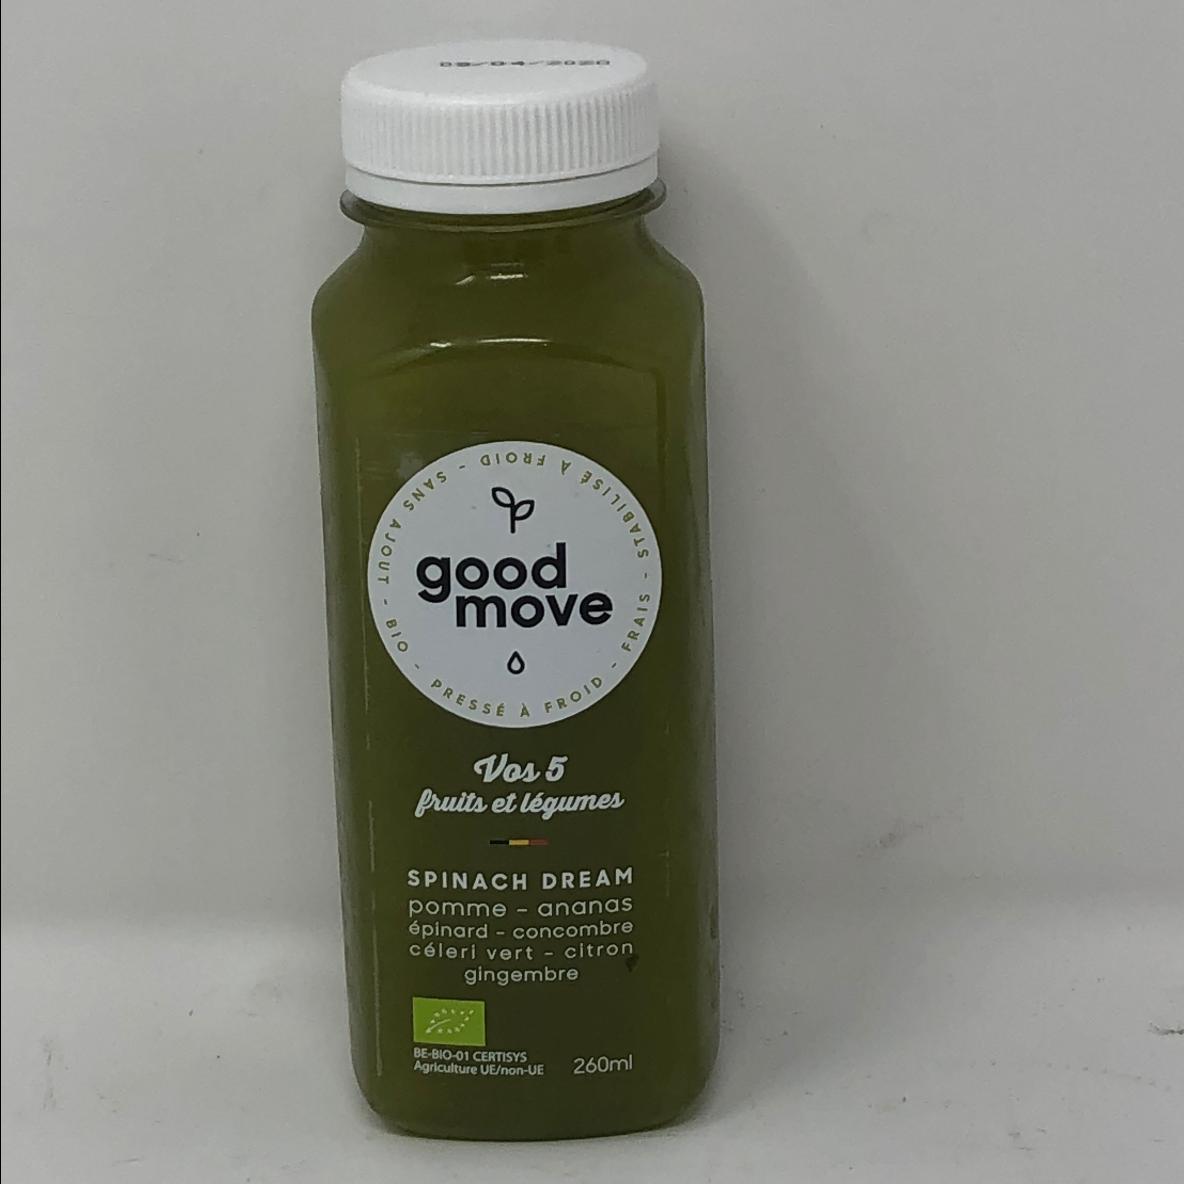 Spinach dream 260ml - jus  fruits & légumes frais et bio